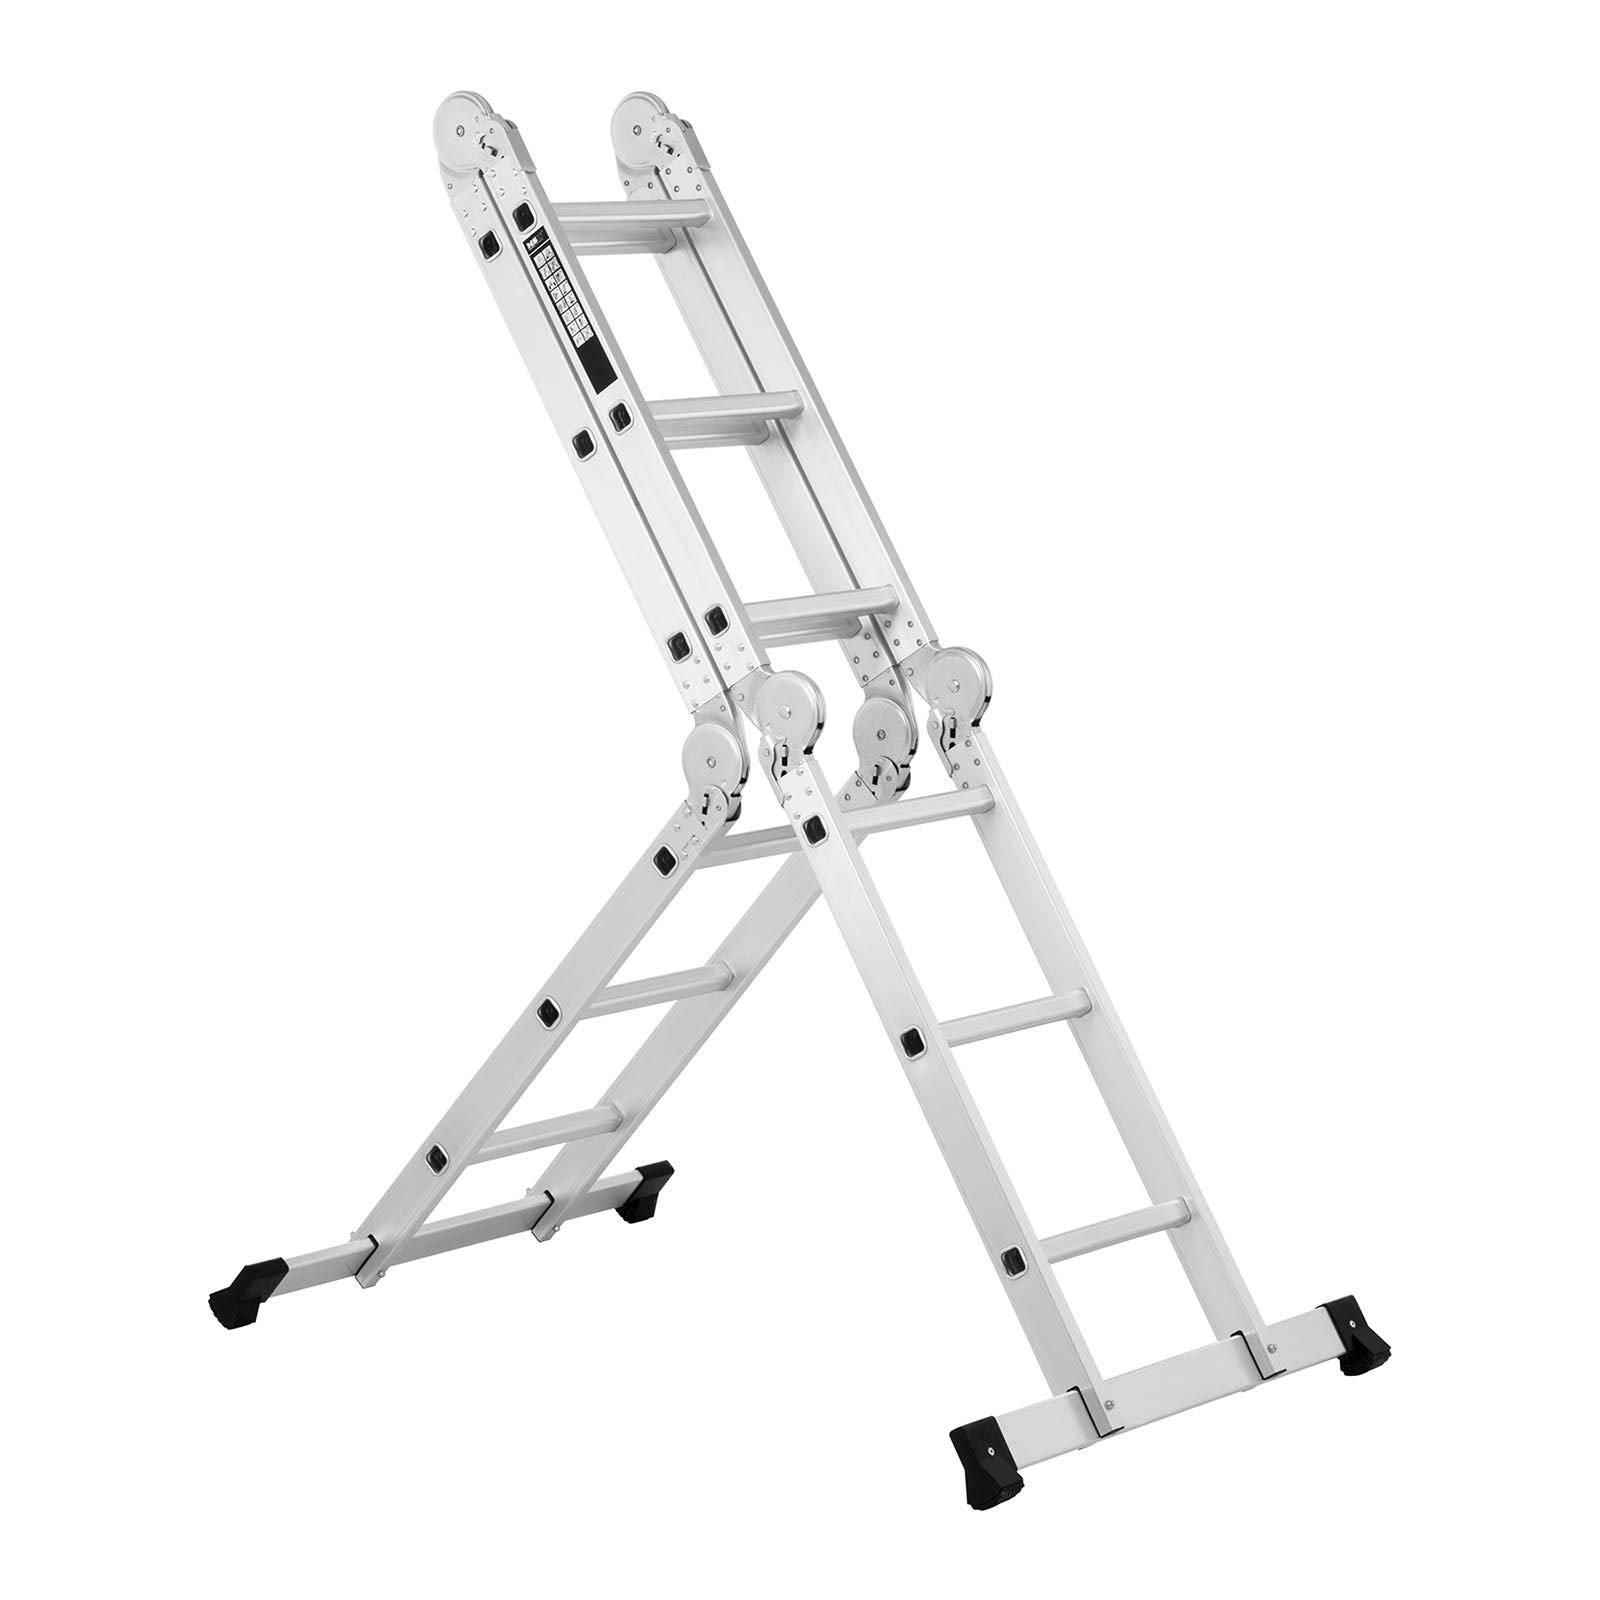 2,5 m, max. 150 kg, 3-in-1 Funktionalit/ät, Aluminium, faltbar MSW Alu Leiter Stehleiter Multifunktionsleiter Mehrzweckleiter Anlegeleiter MSW-AVL11